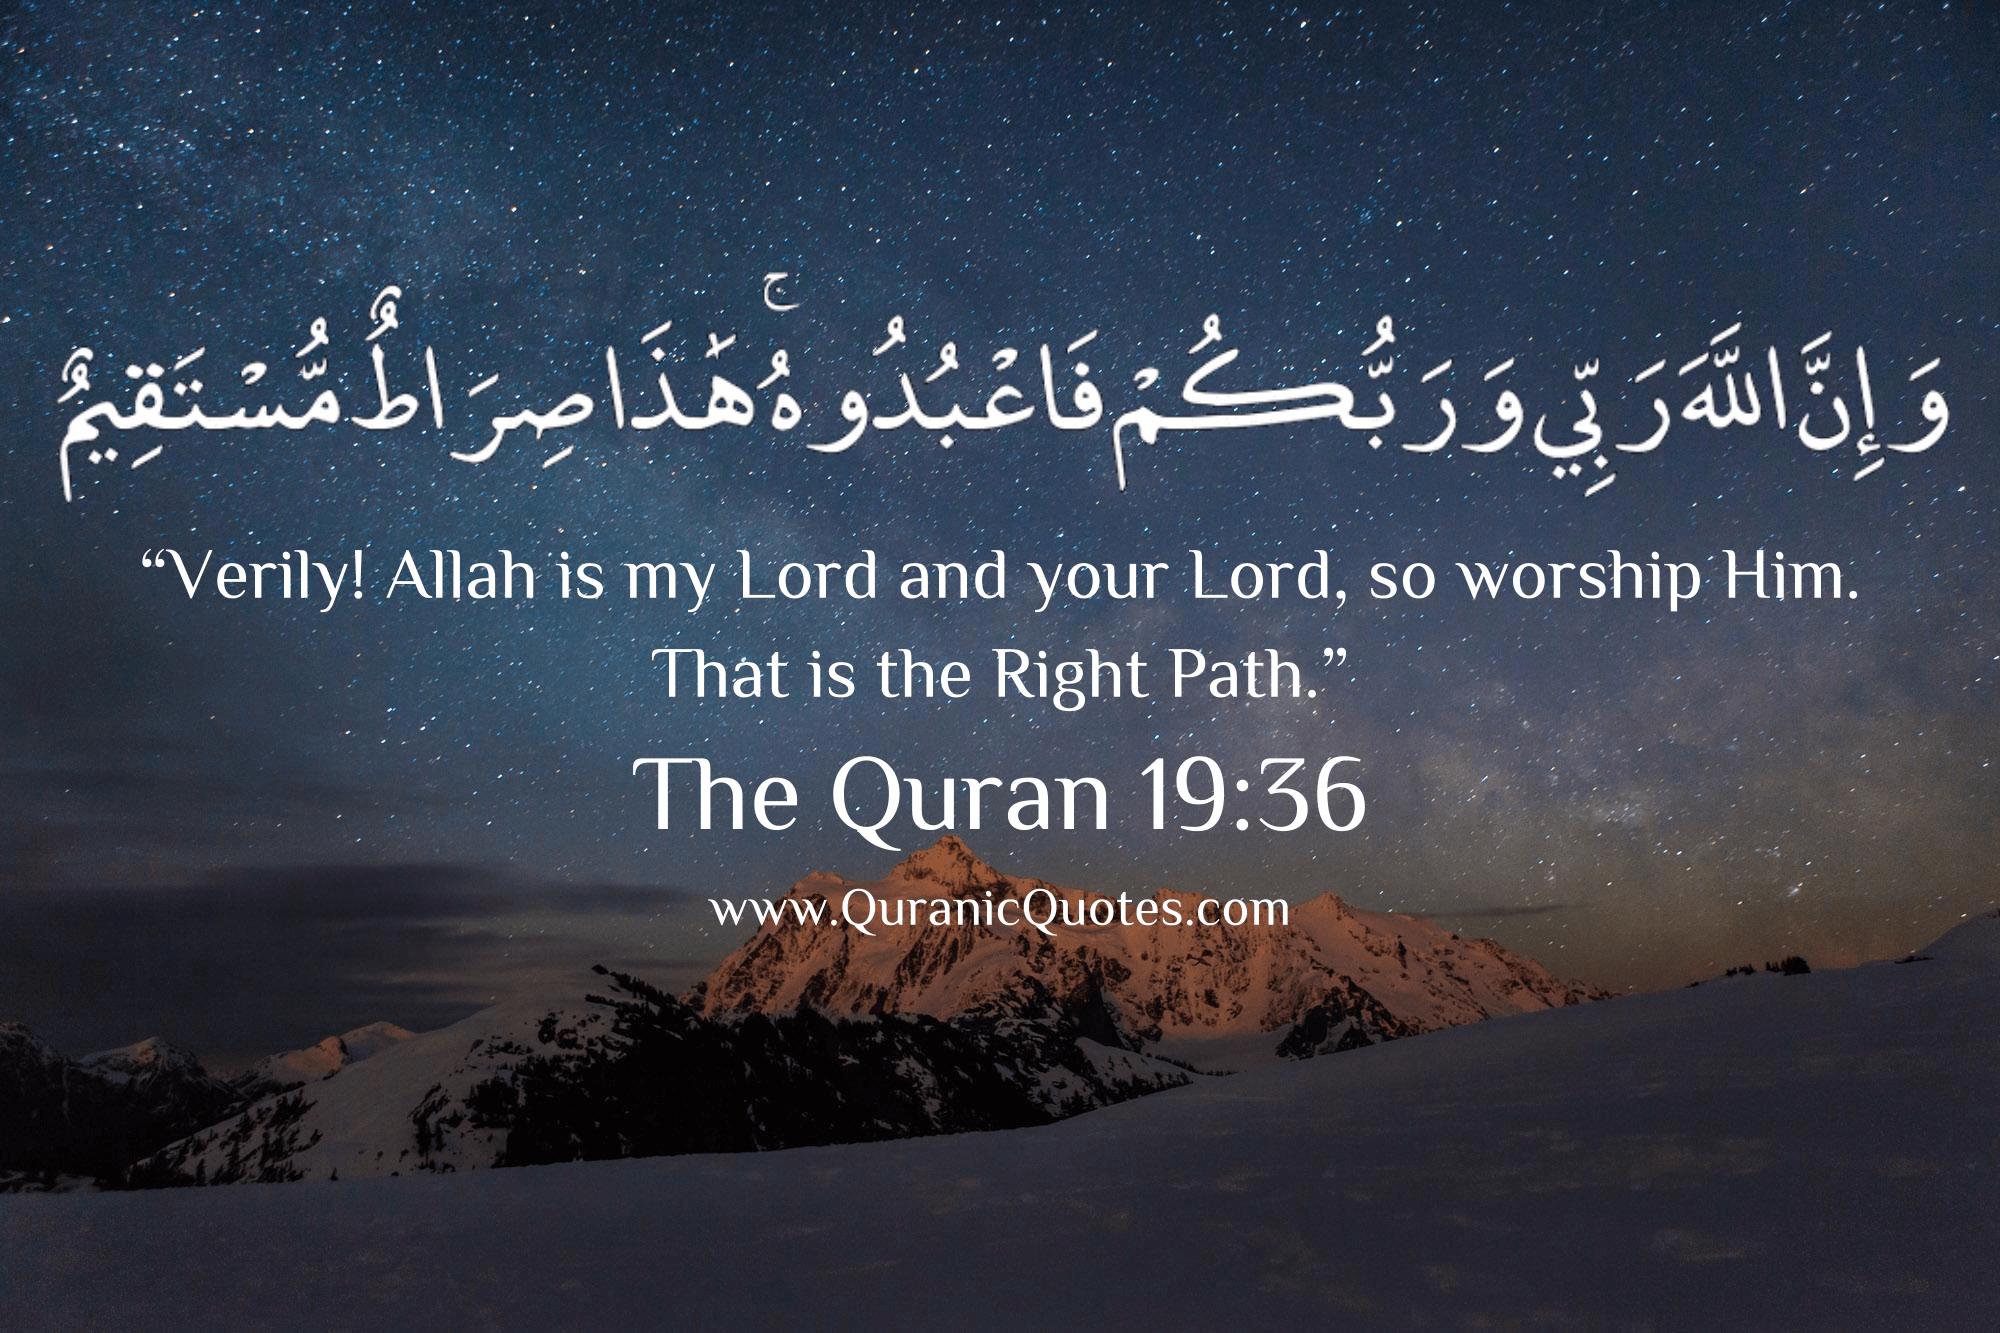 بالصور اجمل صور اسلاميه , صور دينية للتحميل 5091